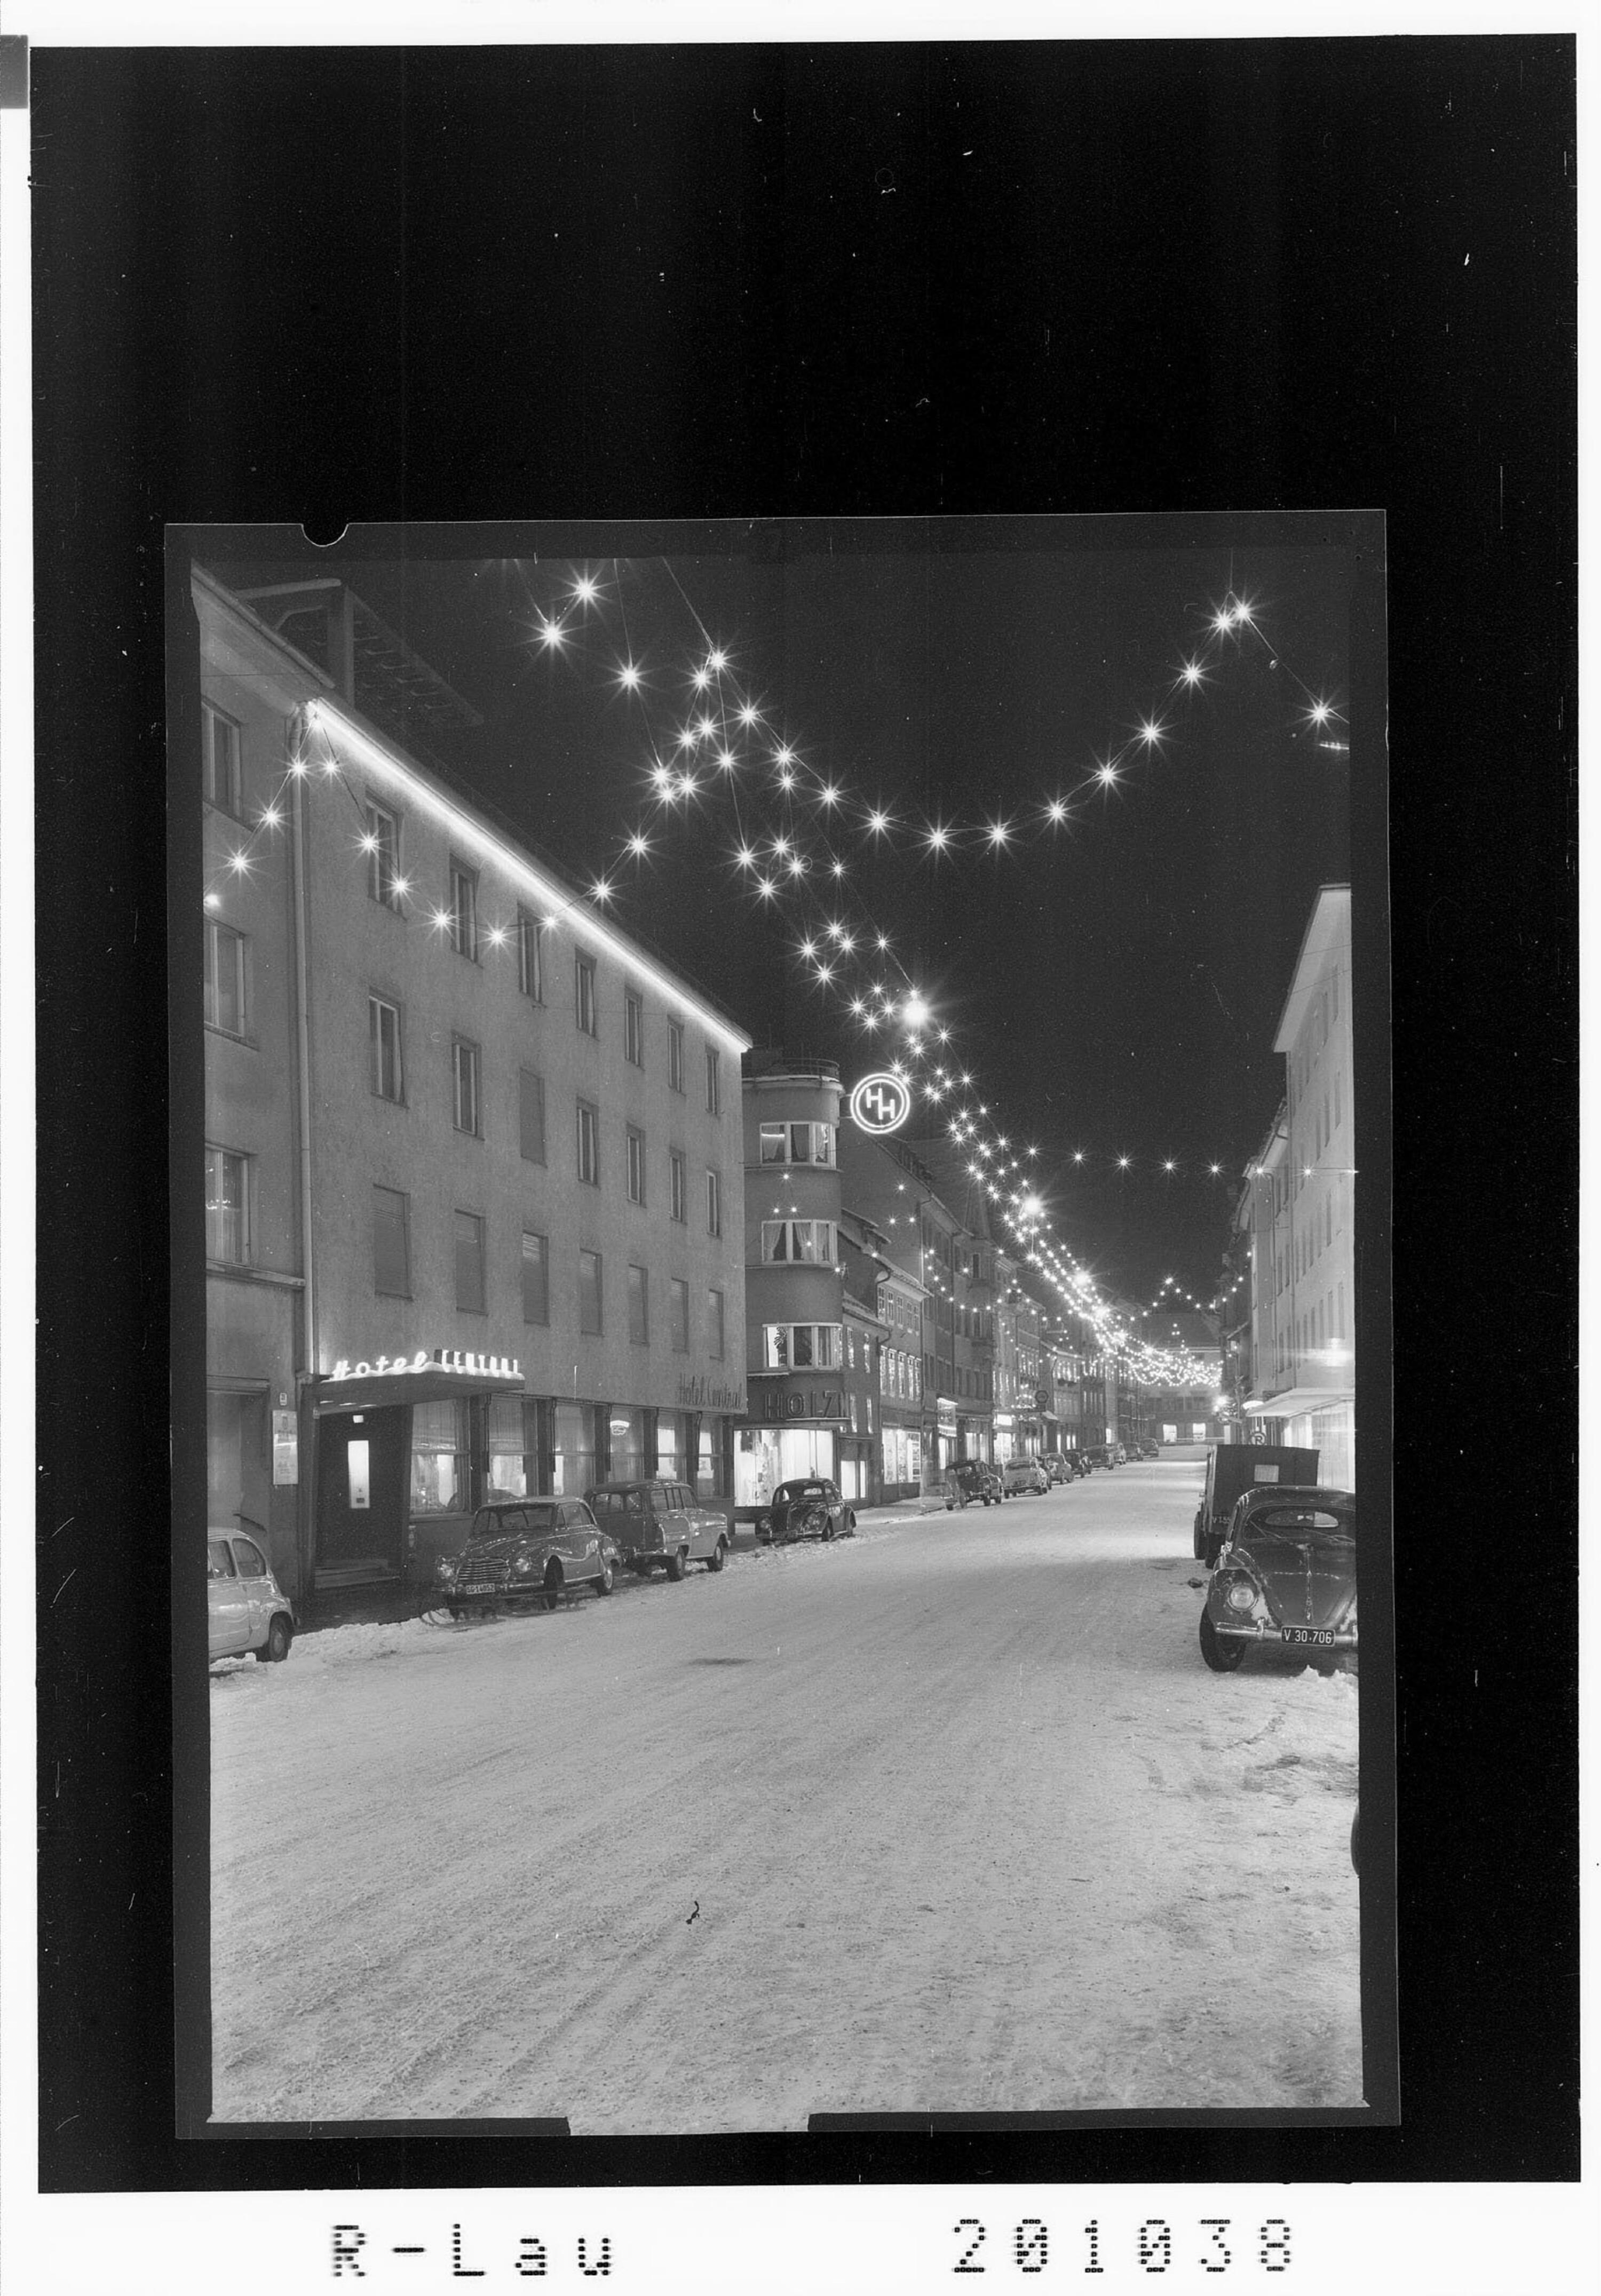 Bregenz / Kaiserstrasse mit Weihnachtsbeleuchtung von Risch-Lau